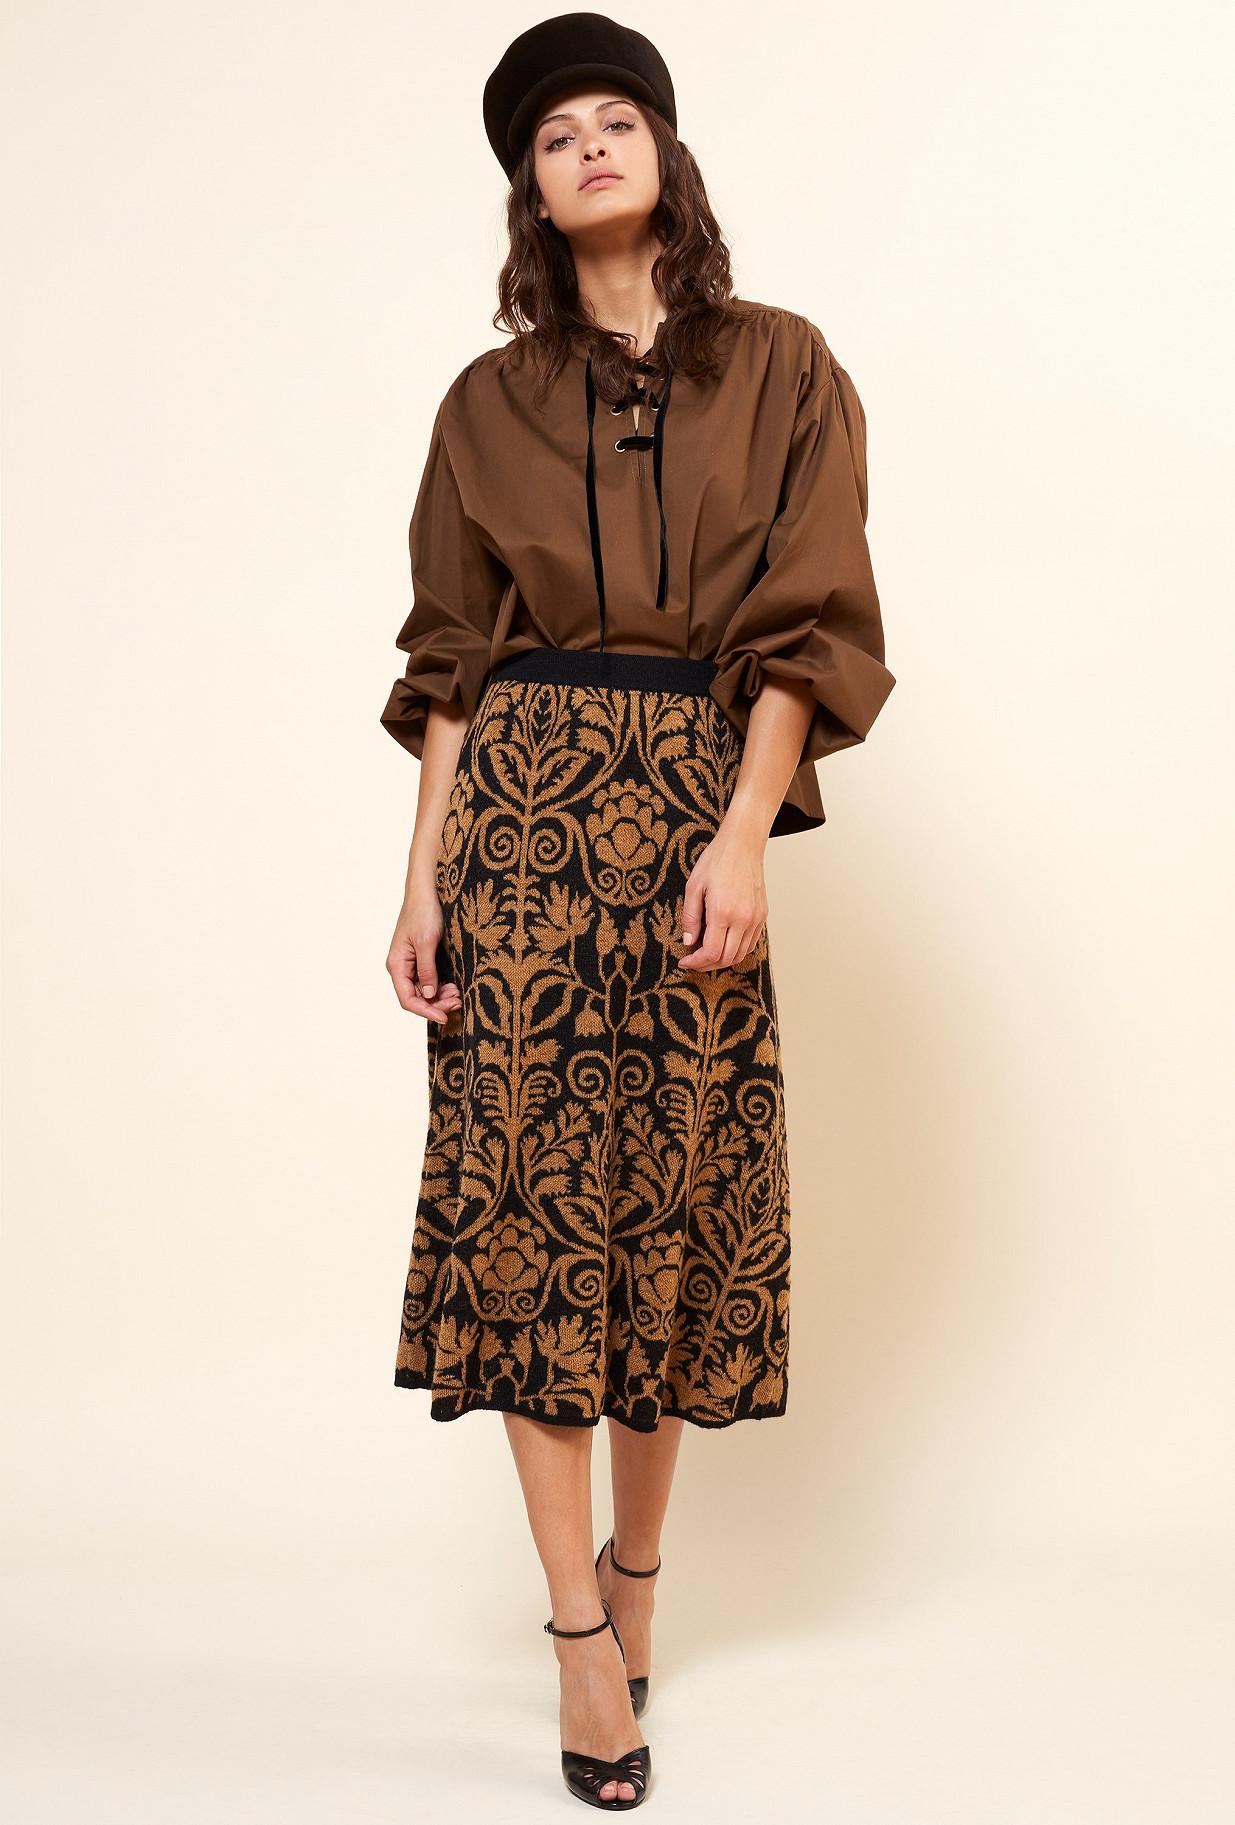 Khaki  Blouse  Graham Mes demoiselles fashion clothes designer Paris